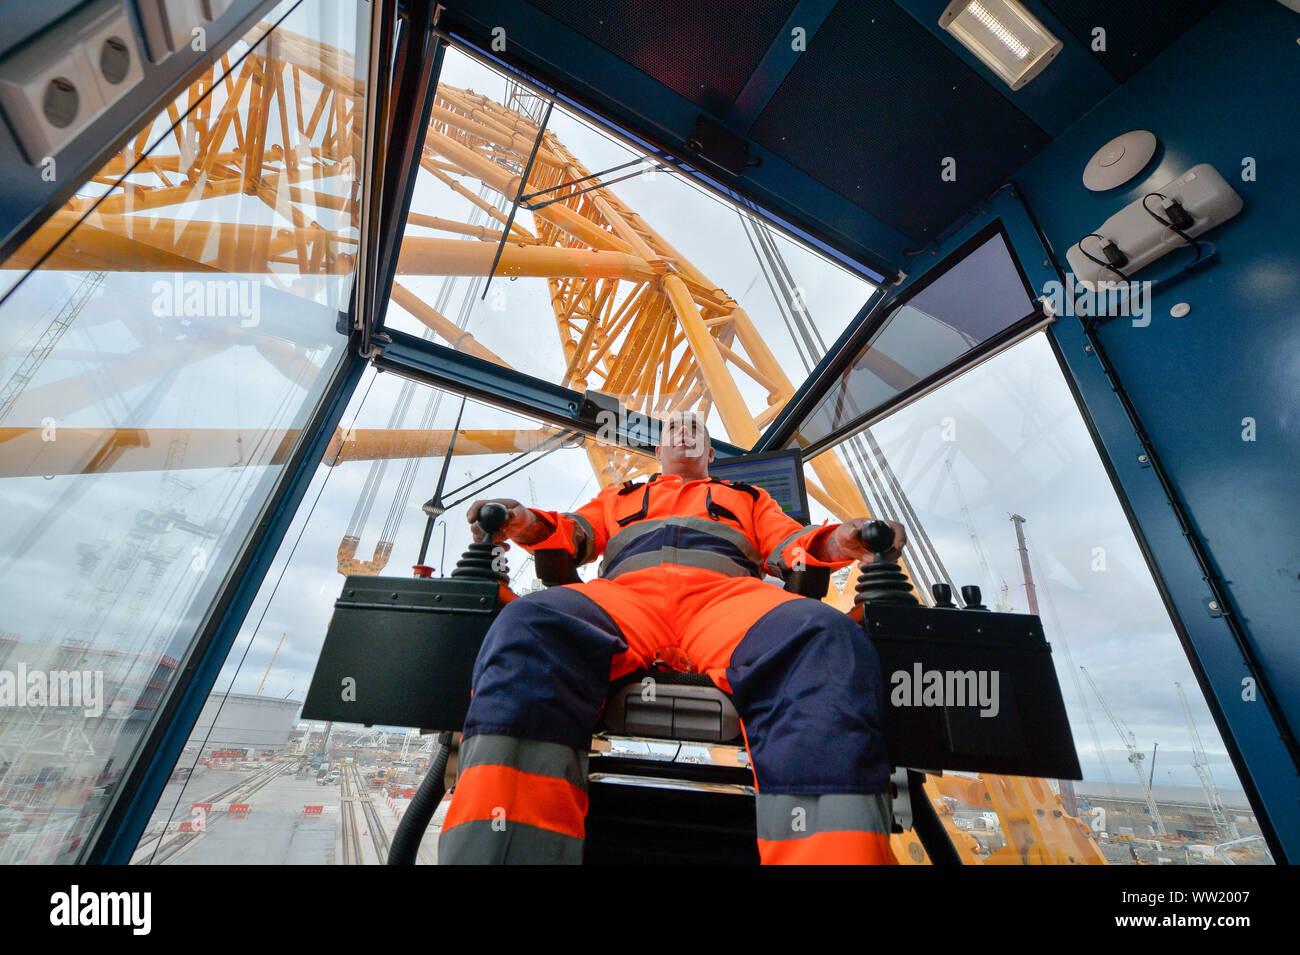 Gruista Martin Redmond dentro de su cabina a bordo del 'Big Carl', la grúa más grande del mundo, que se está preparando para comenzar a trabajar en Hinkley Point C Power Station en Somerset. Capaz de soportar hasta 250 m de altura, la grúa Sarens SCC-250 puede alcanzar mayor que la torre más alta en la London's Canary Wharf y puede transportar 5.000 toneladas en un solo elevador. Foto de stock